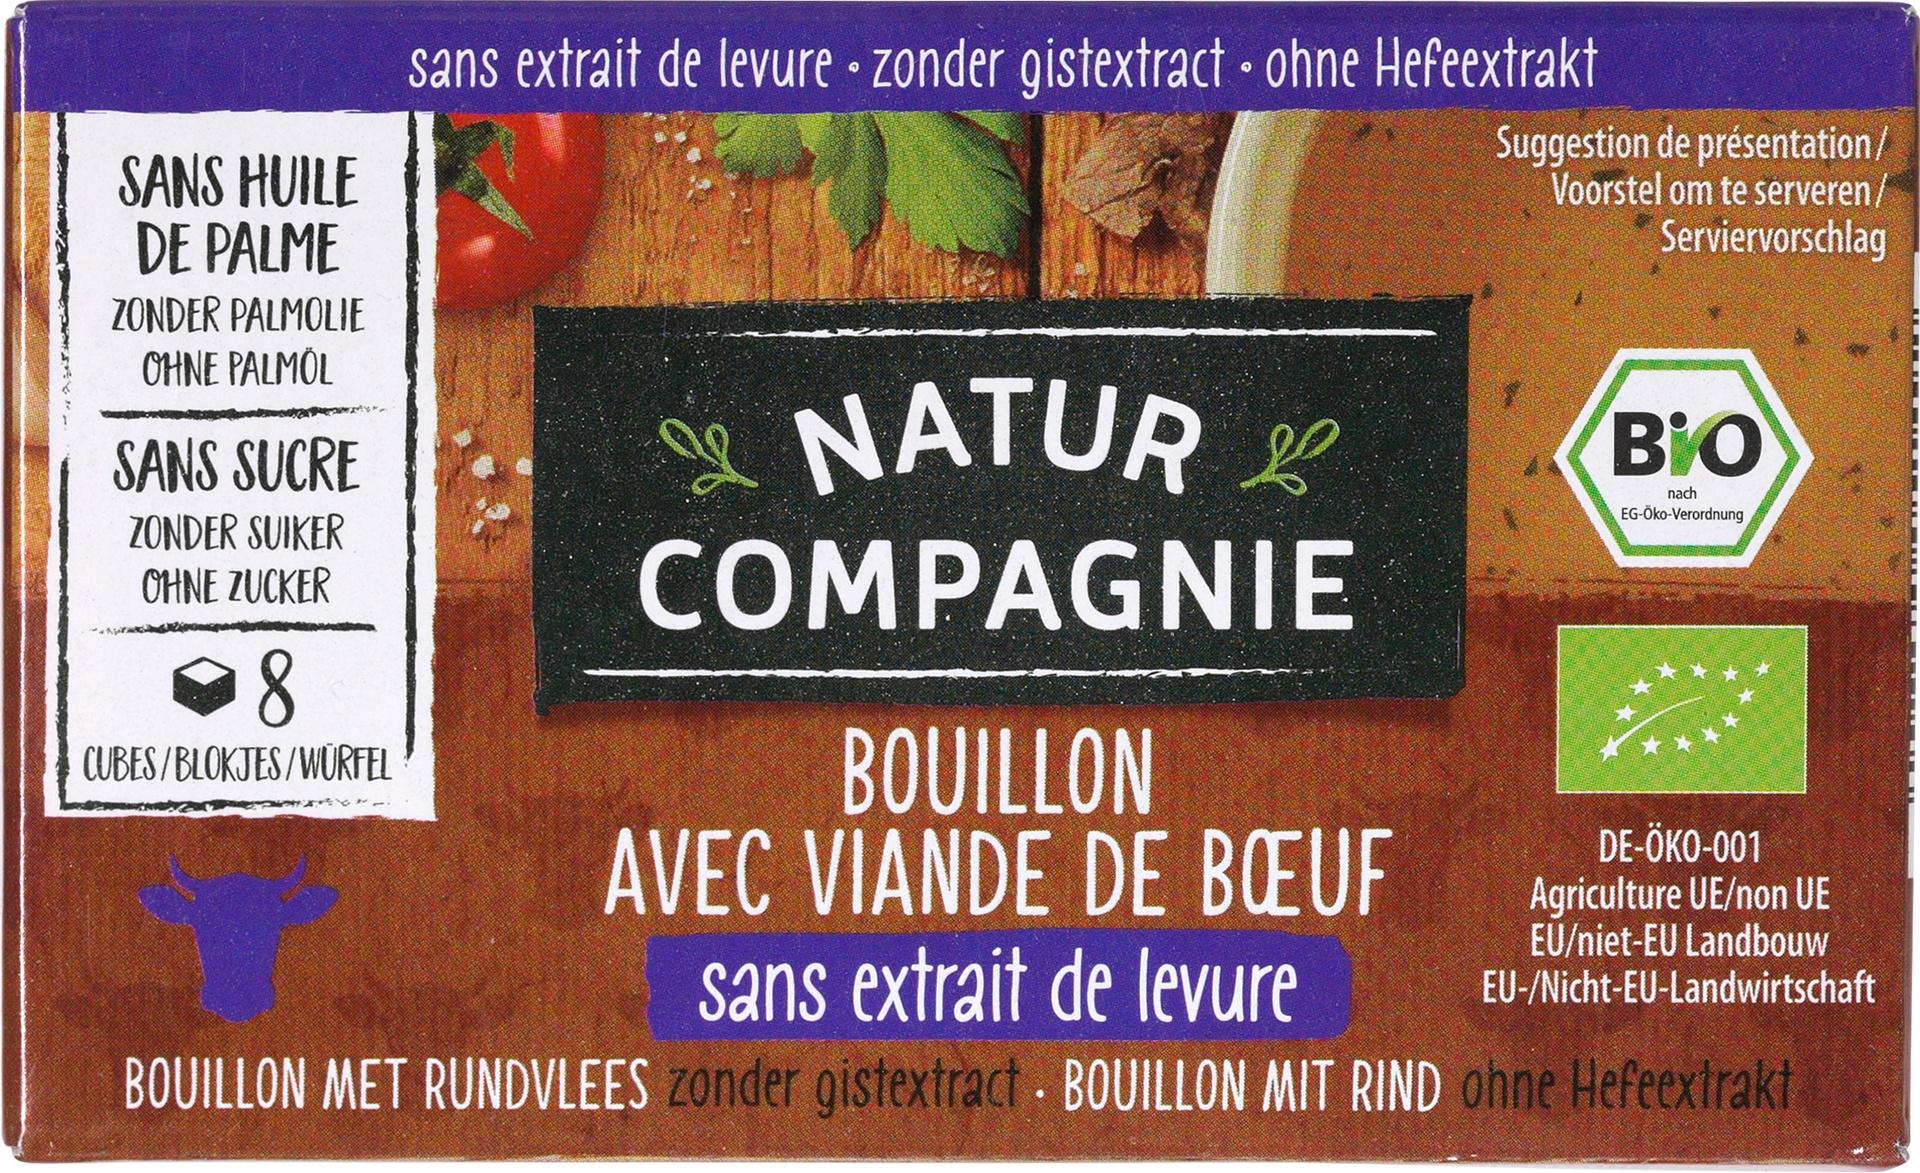 Biologische Natur Compagnie Runderbouillon gist-/suikervrij 80 gr